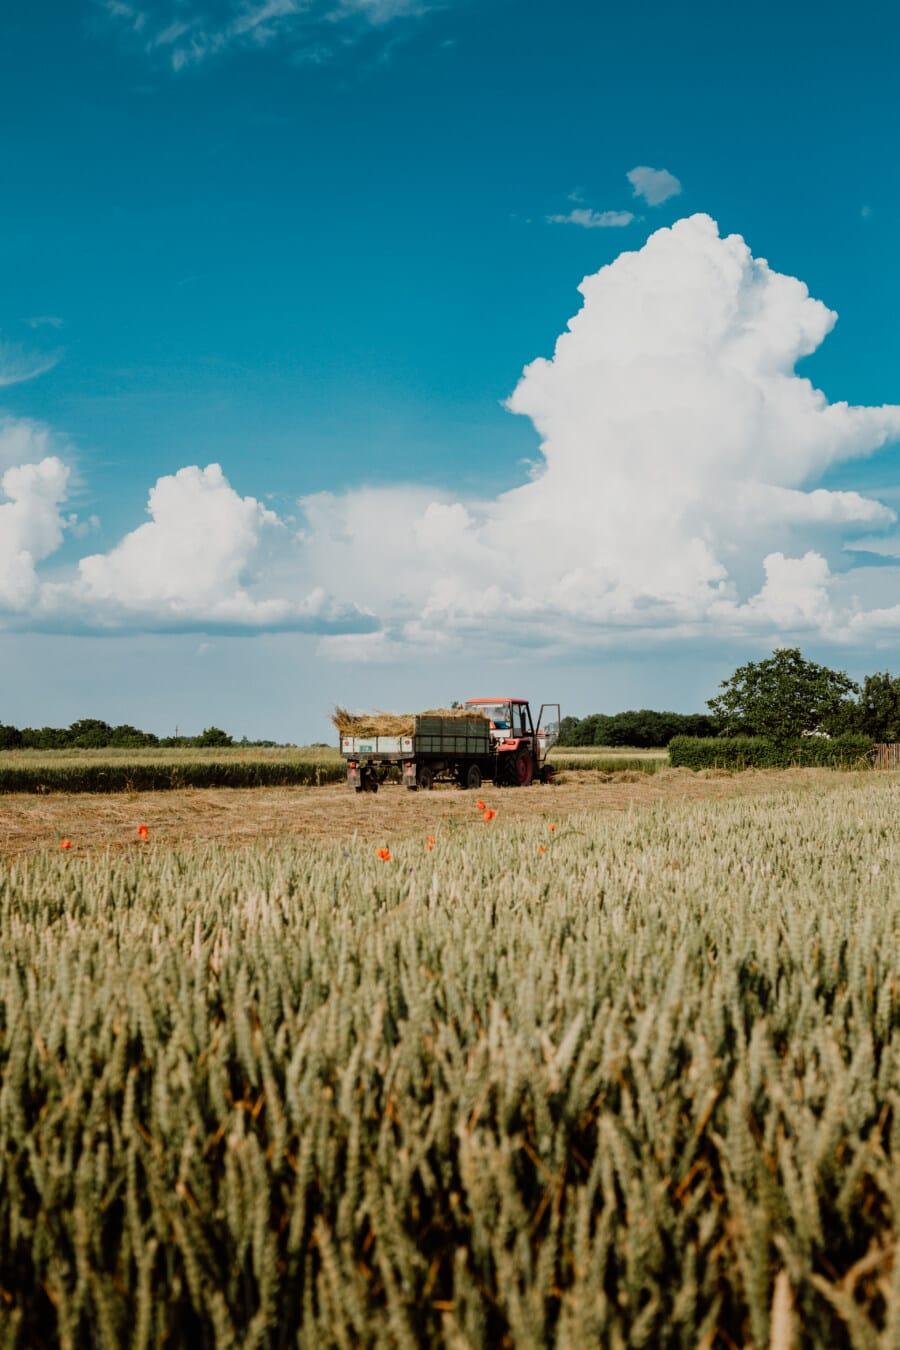 hay, hay field, haystack, tractor, transport, vehicle, field, landscape, farm, rural